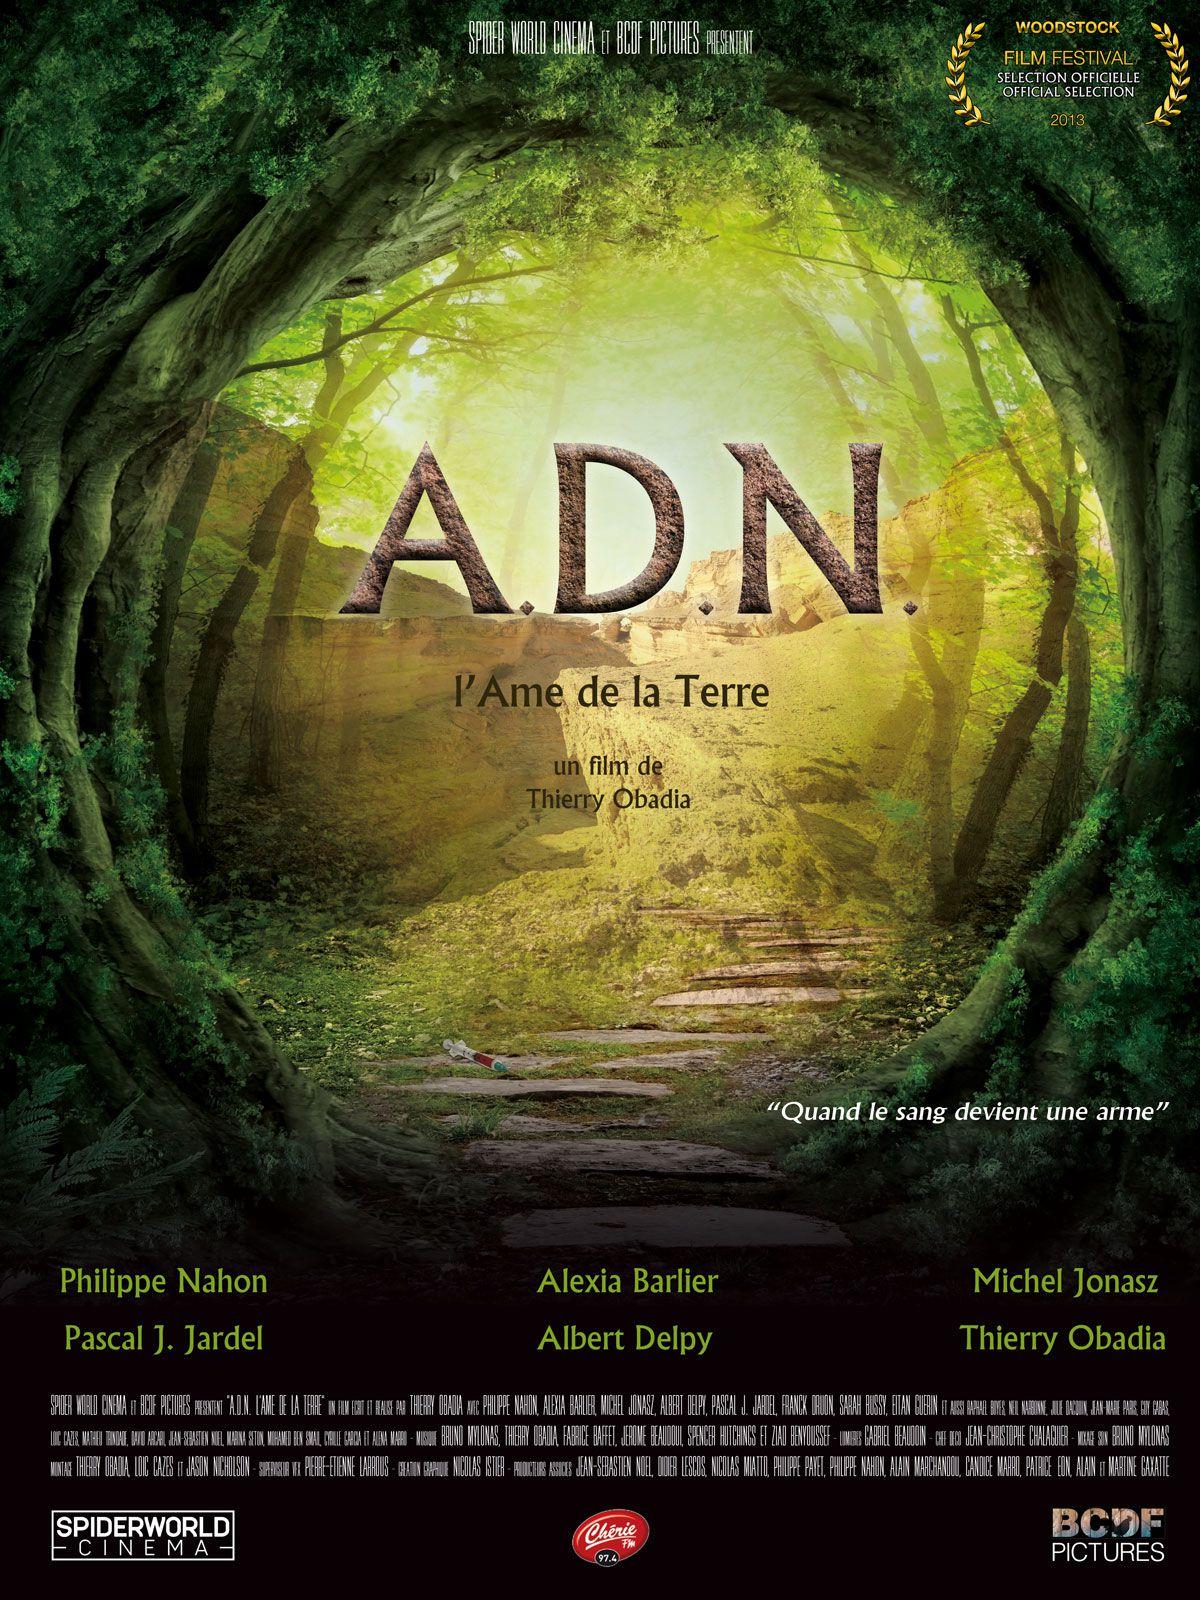 A.D.N. - L'Âme de la Terre - Film (2014)